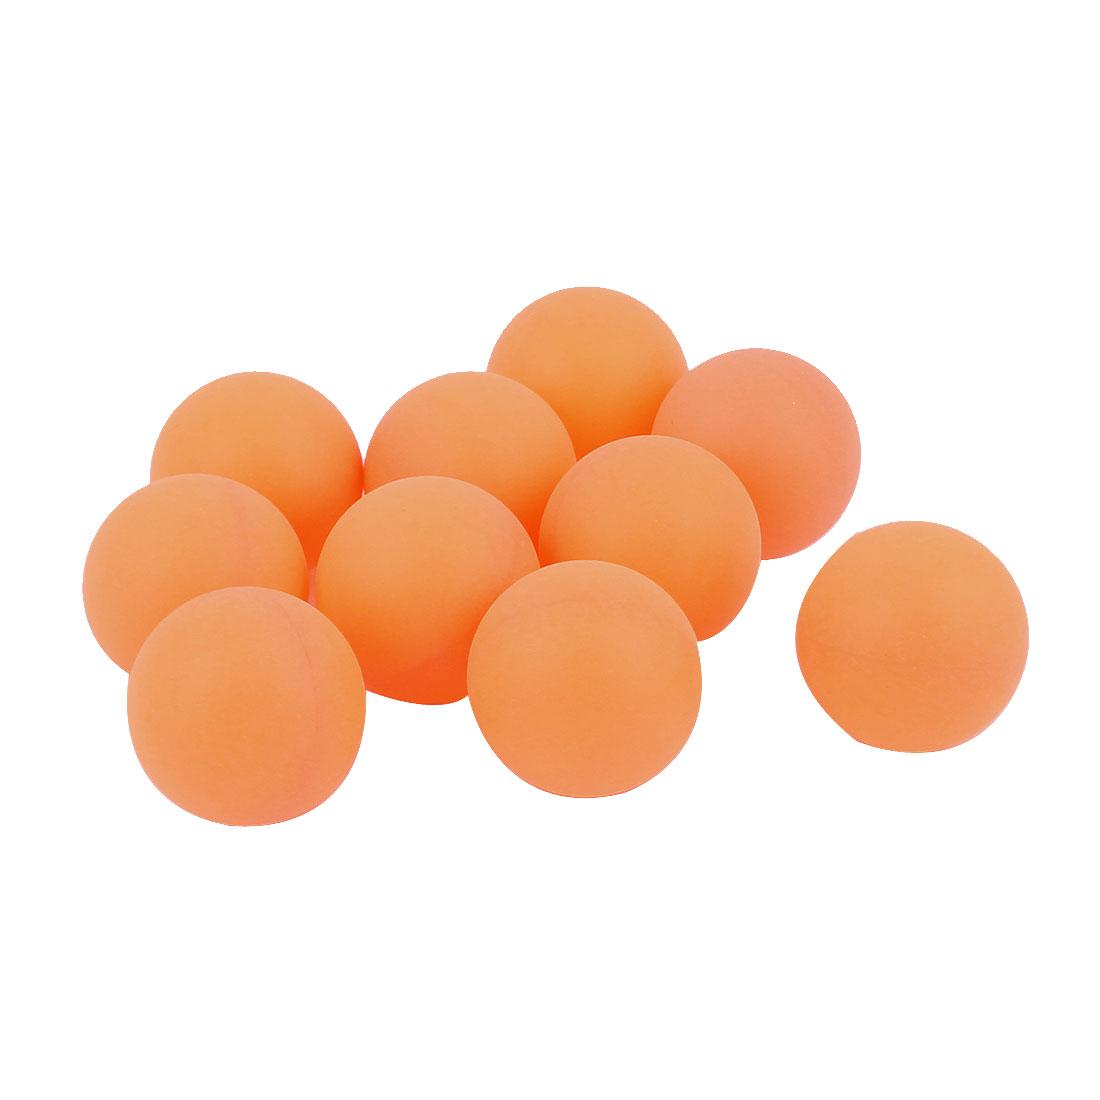 10Pcs Recreational Leisure Table Tennis Ping Pong Balls Orange